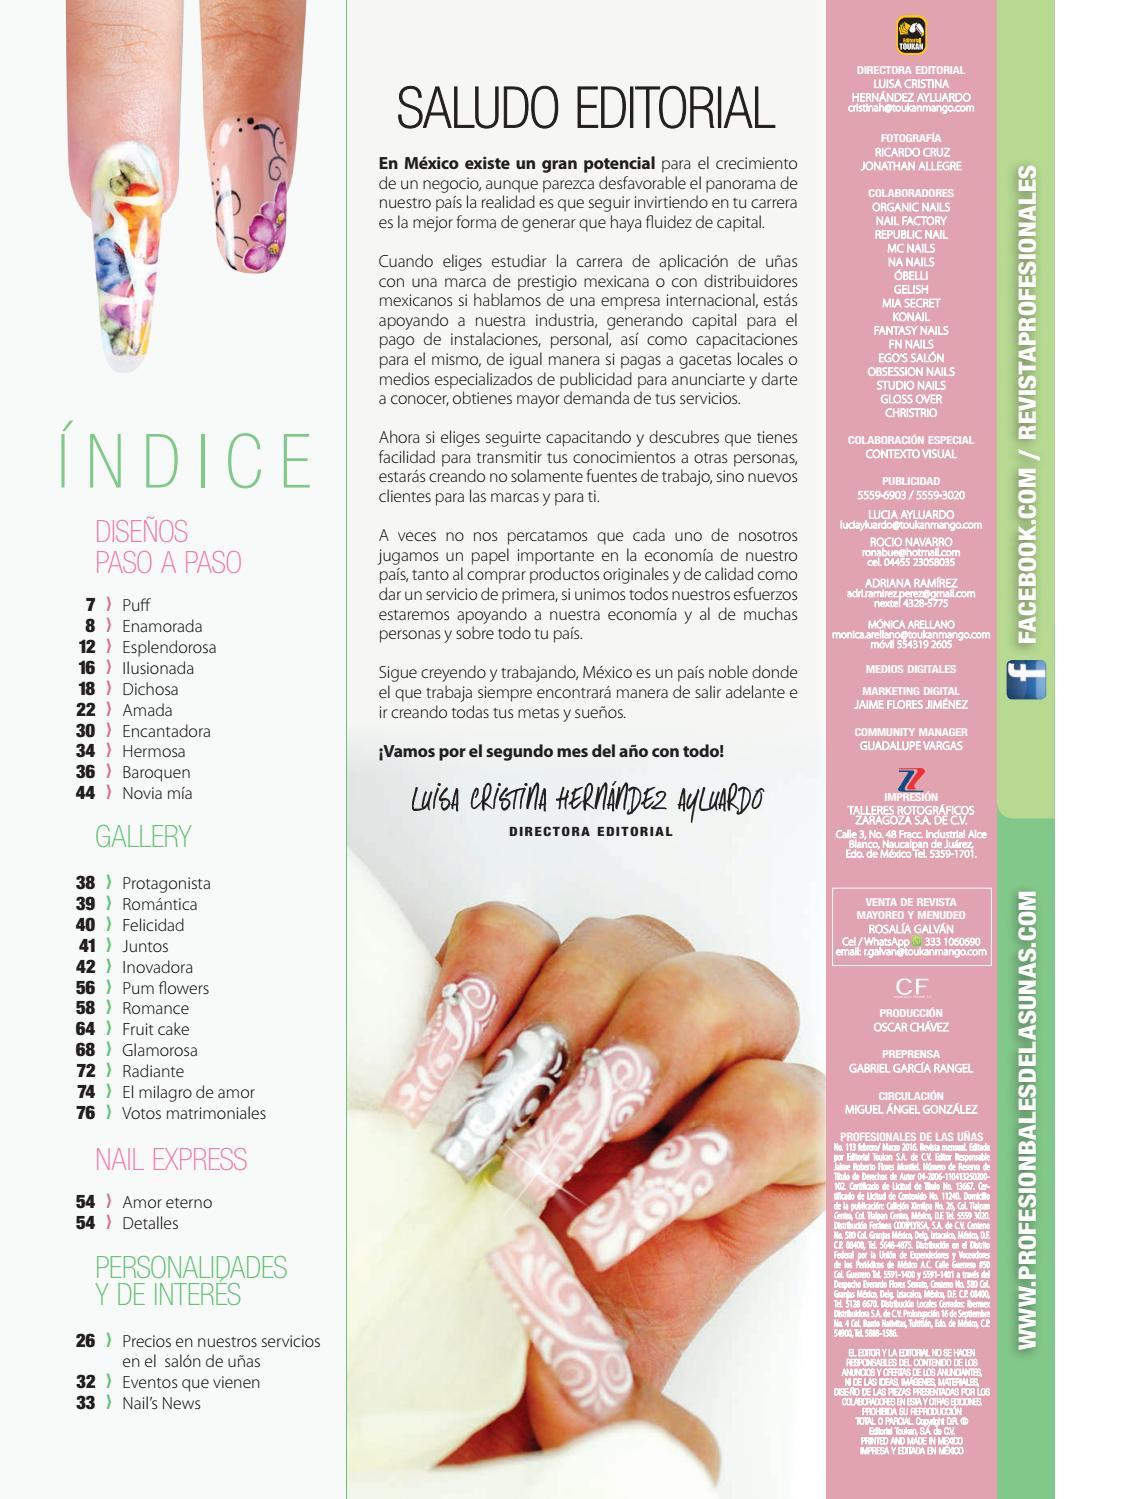 Profesionales de las uñas No. 113 by Editorial Toukan - issuu